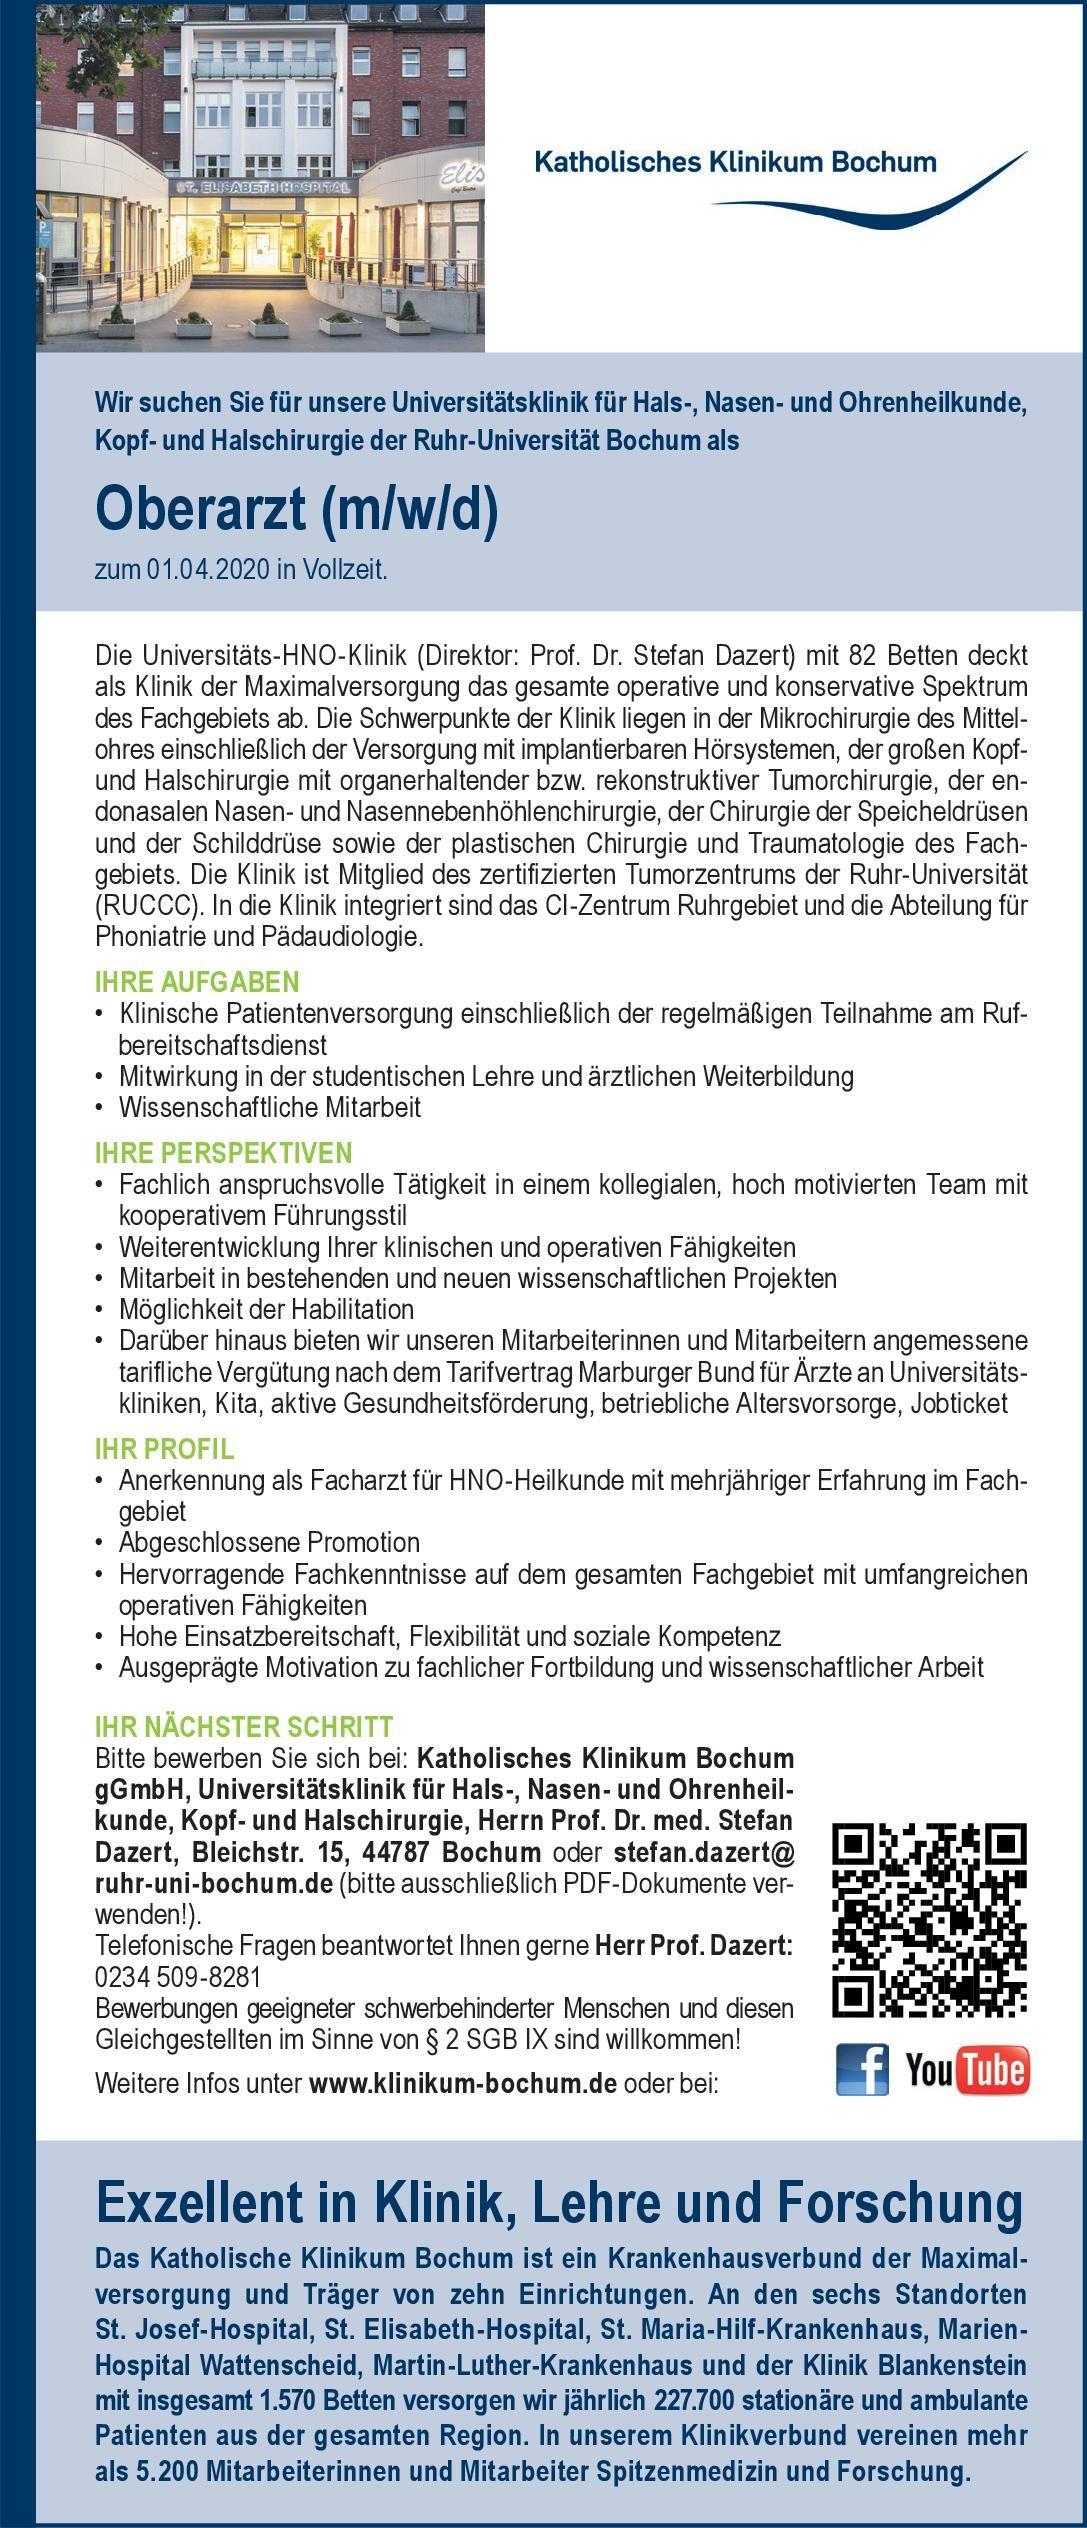 Katholisches Klinikum BochumgGmbH Oberarzt (m/w/d) für Hals-, Nasen- und Ohrenheilkunde  Hals-Nasen-Ohrenheilkunde, Hals-Nasen-Ohrenheilkunde Oberarzt